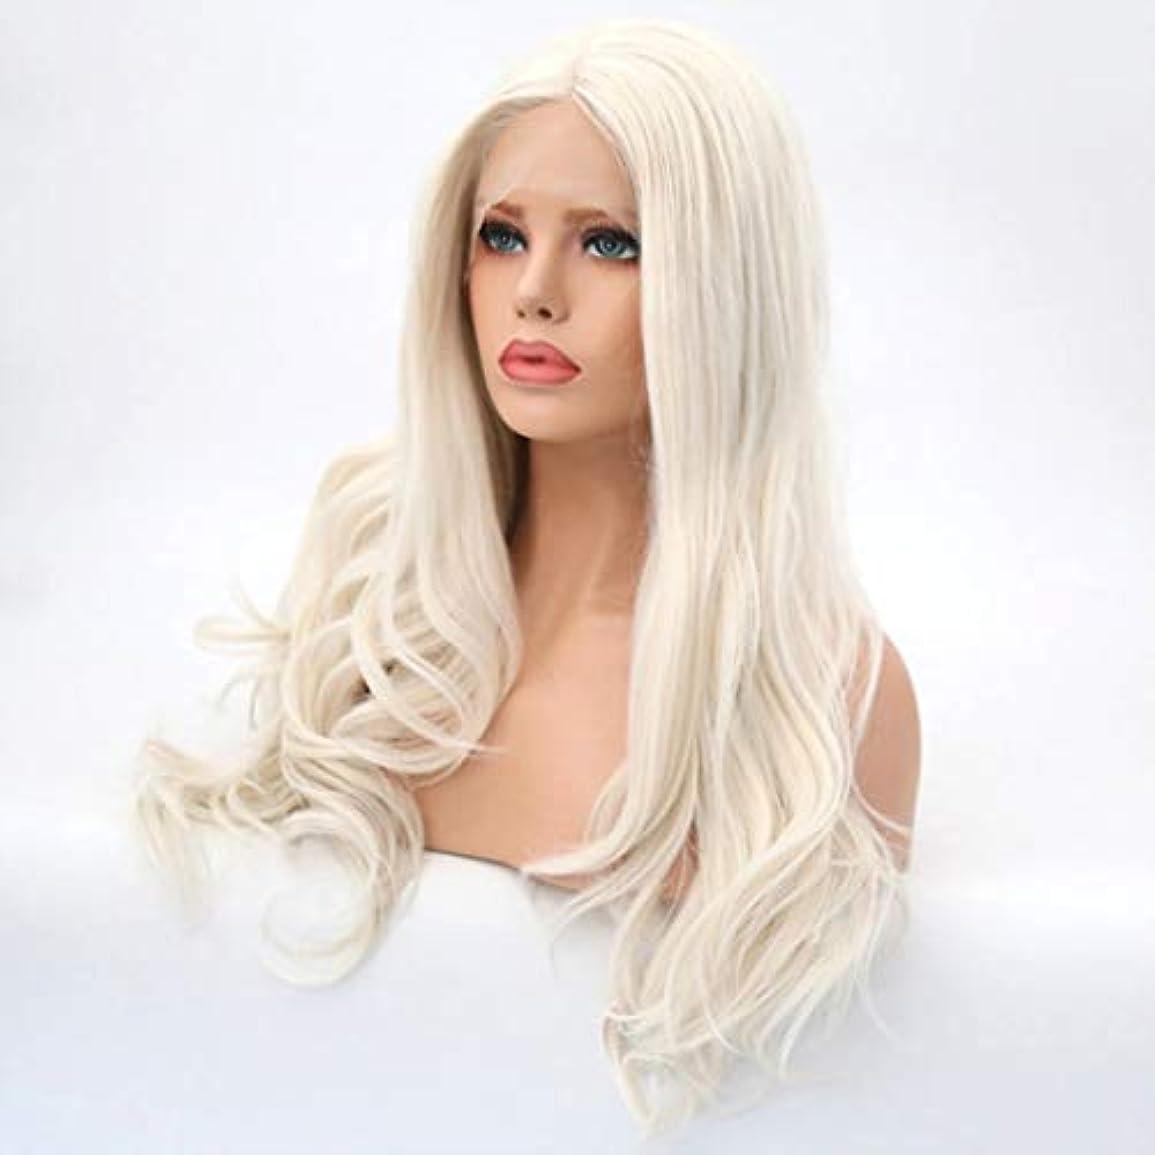 カップファブリック帰るKerwinner 女性のための長い巻き毛のかつらフロントレース高温シルクケミカルファイバーウィッグ